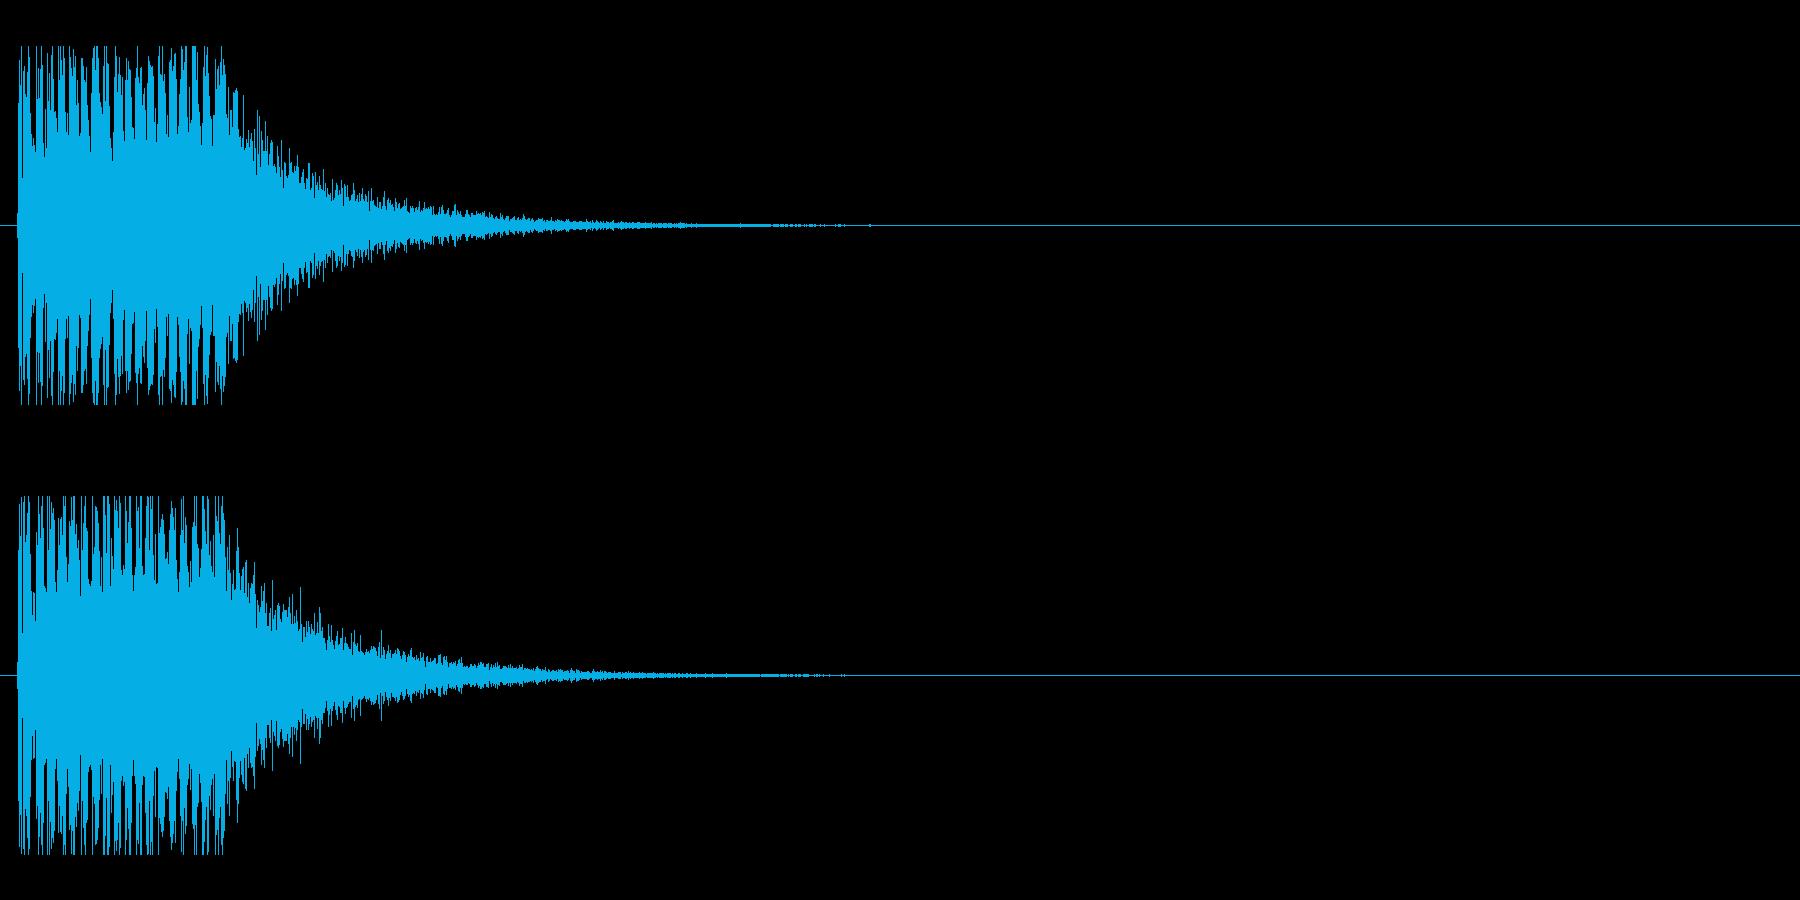 レーザー音-151-1の再生済みの波形